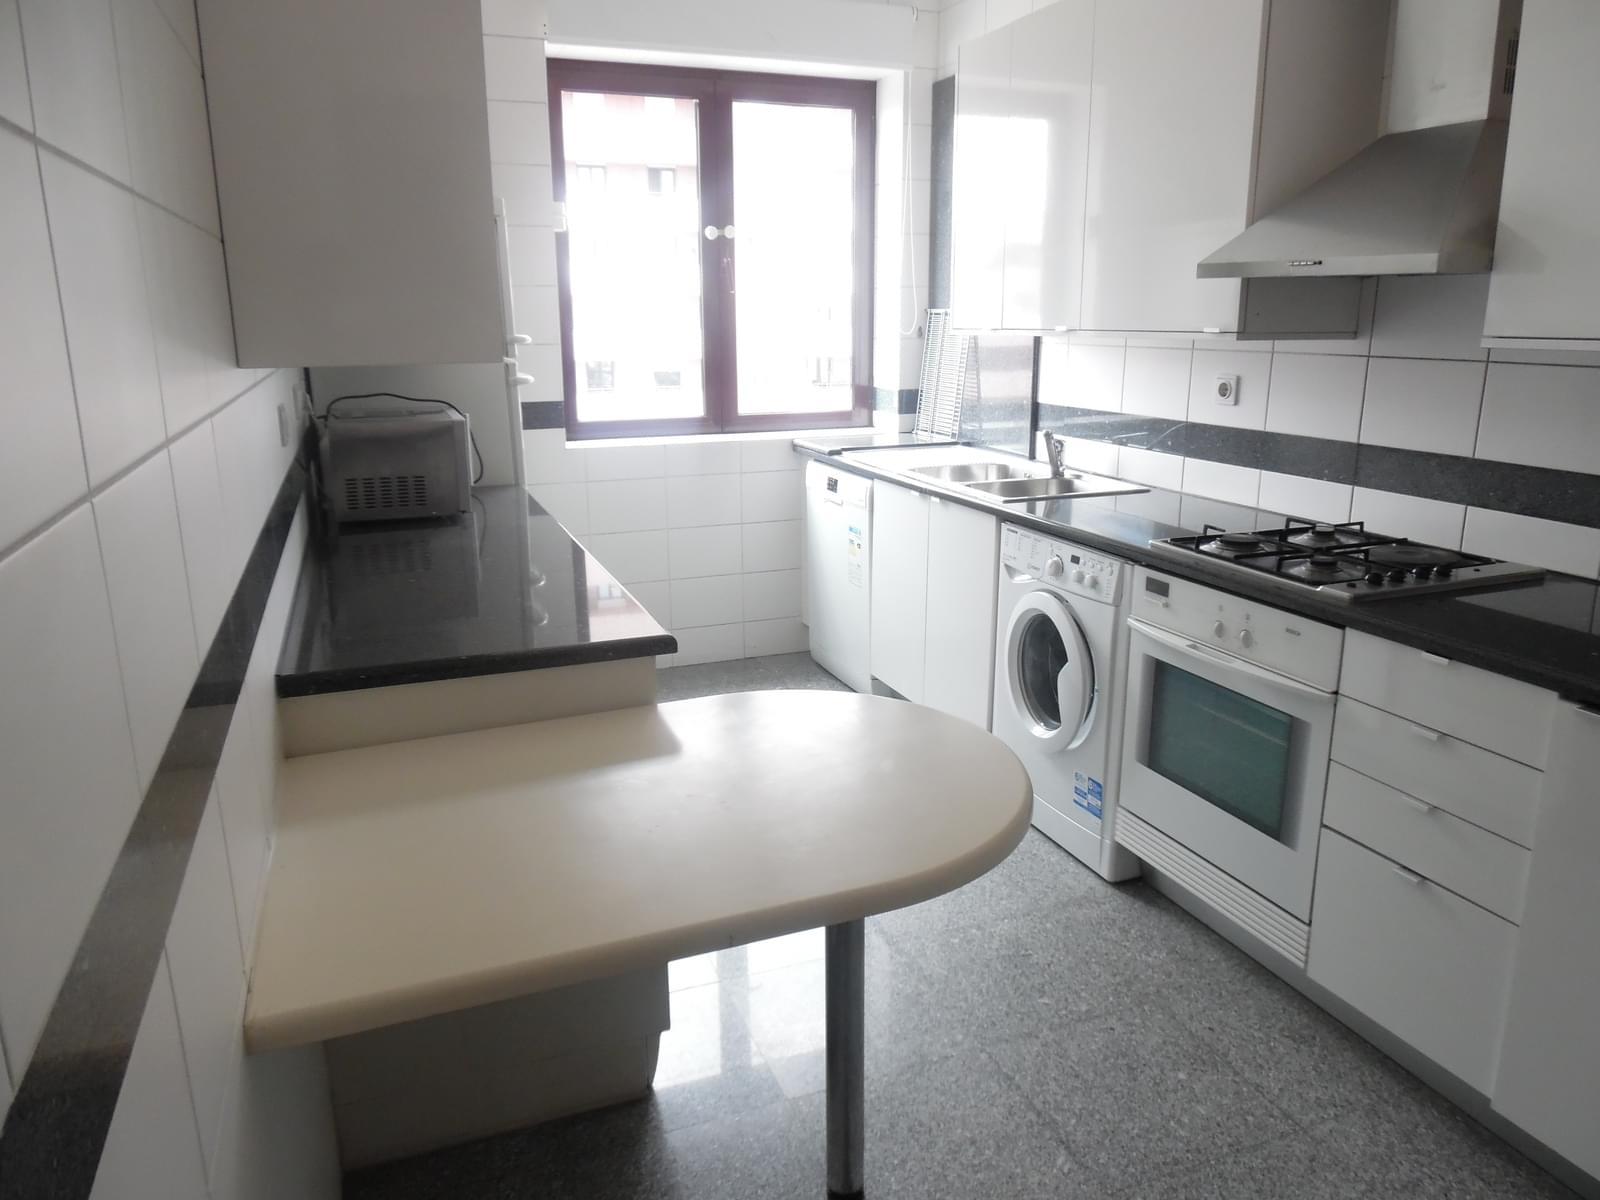 pf17637-apartamento-t2-lisboa-503a030a-9de7-4800-82a4-81100937d02f